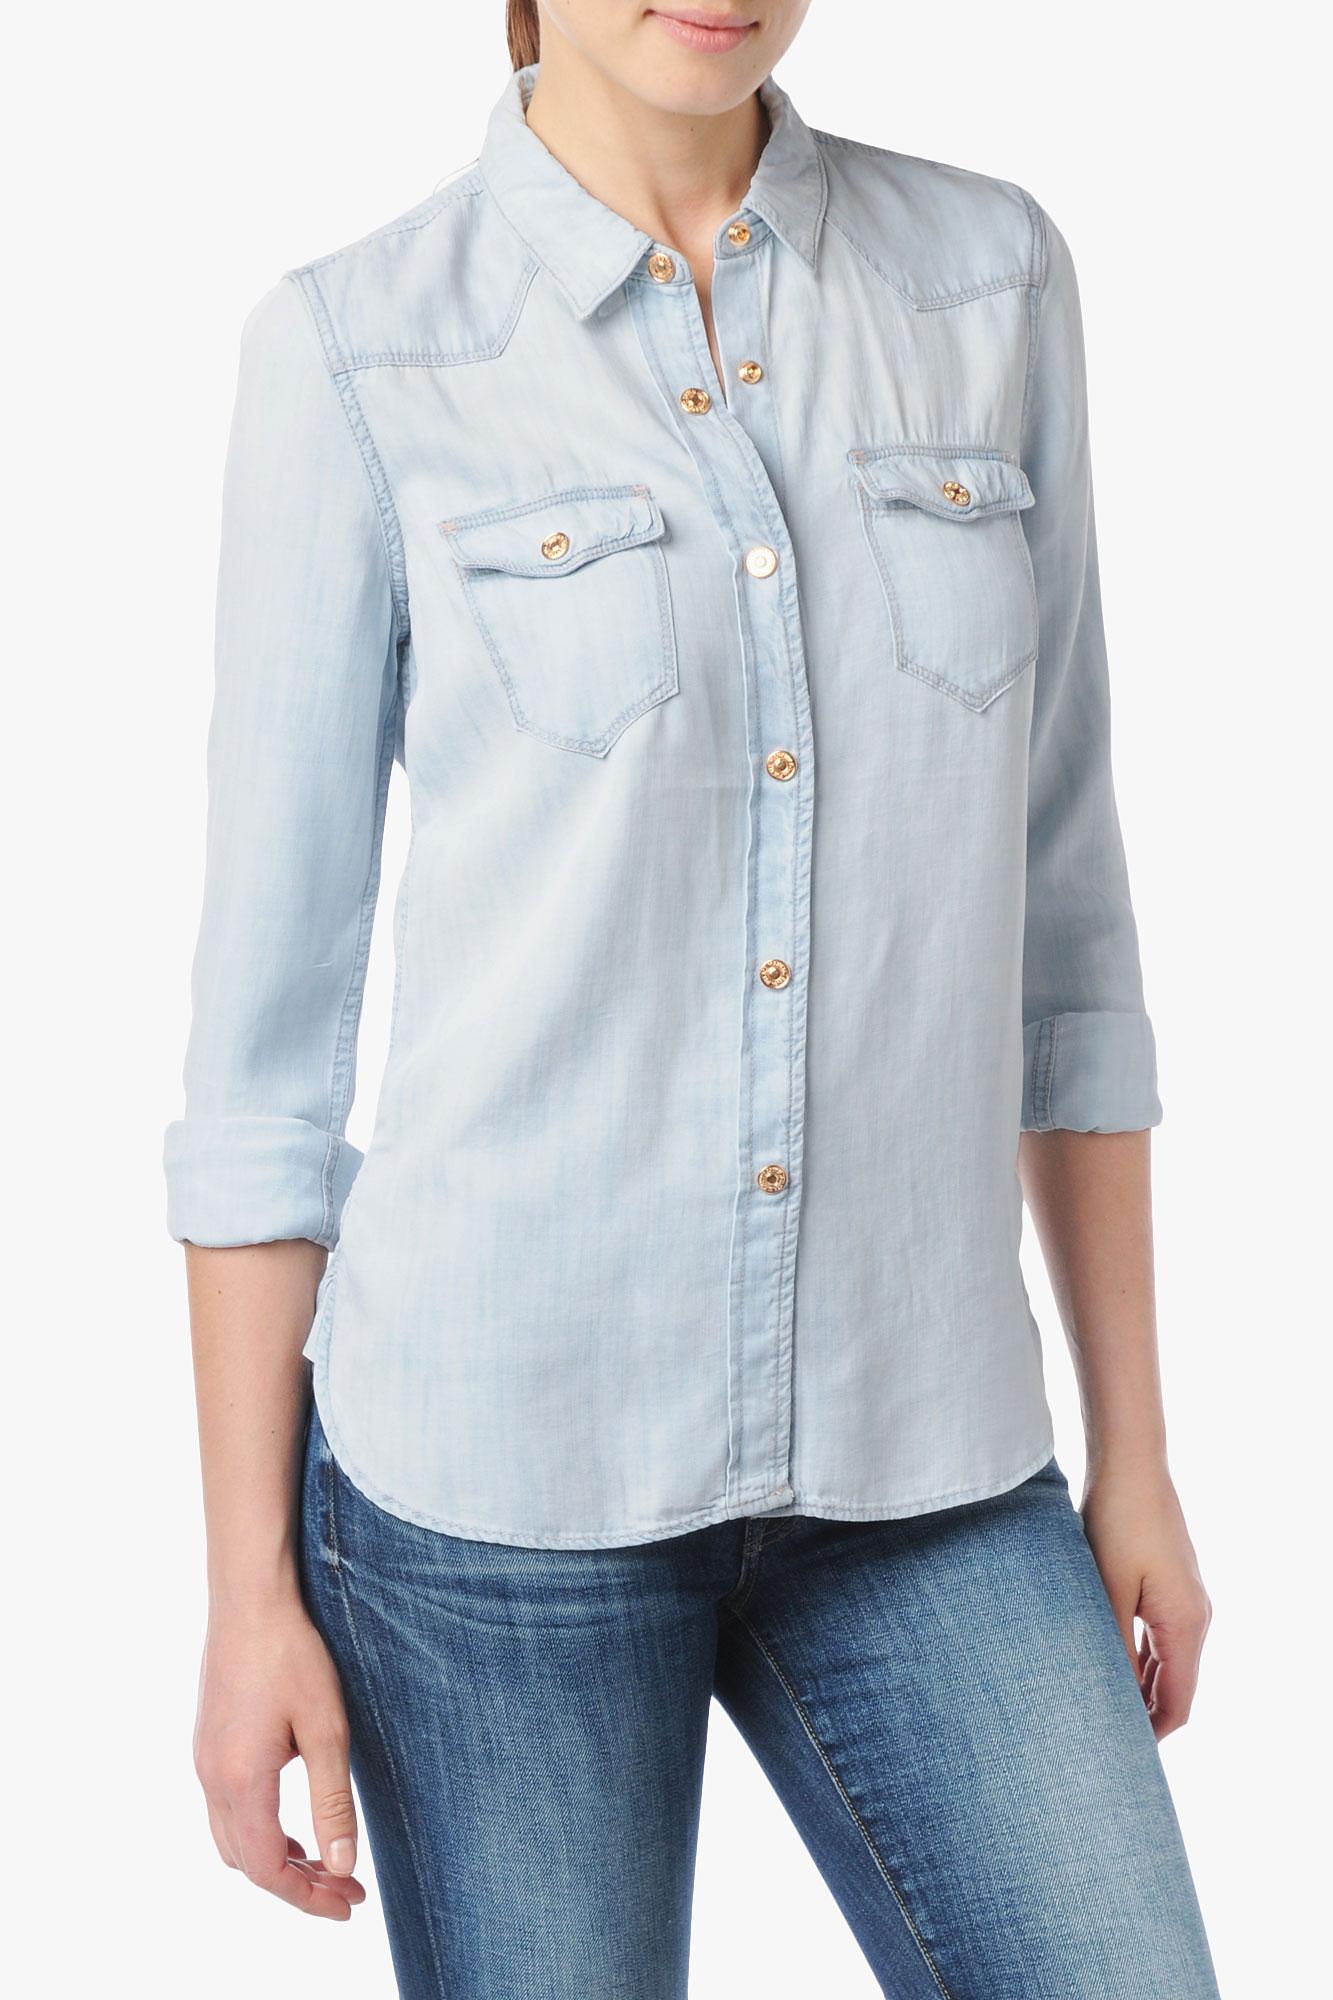 a1036bdf41 Lyst - 7 For All Mankind Slim Western Denim Shirt in Blue